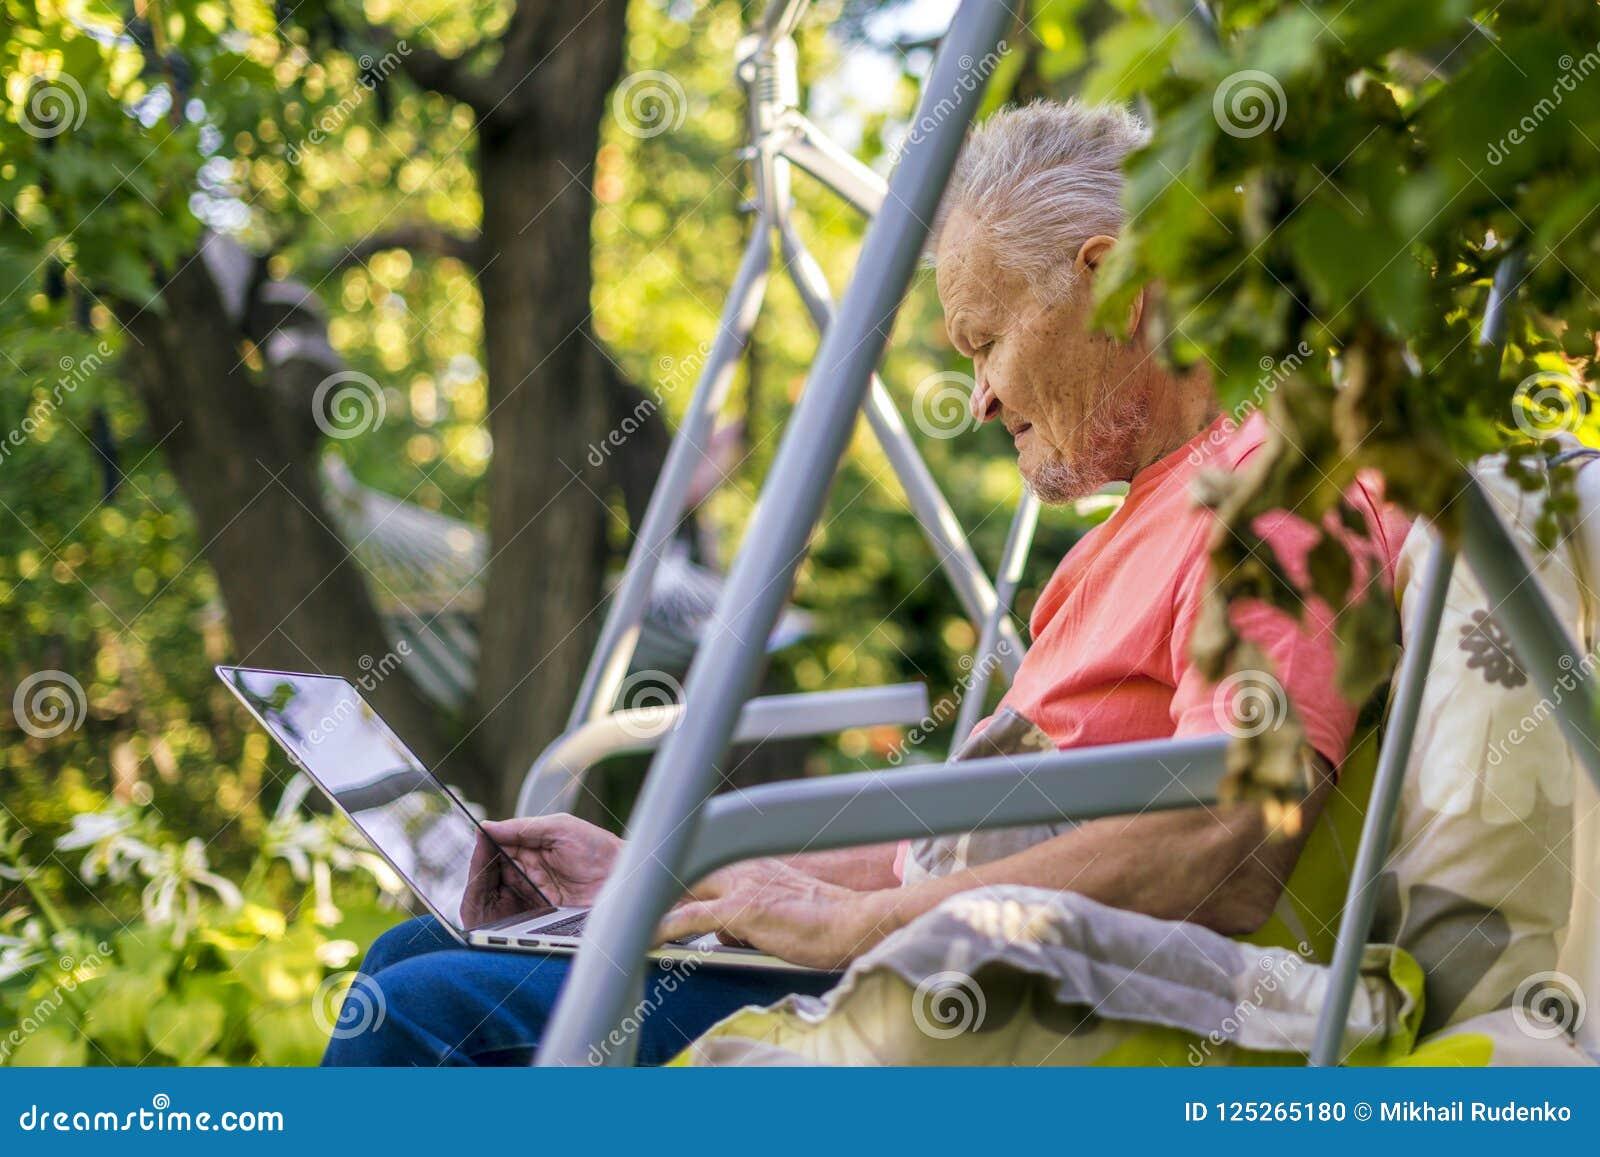 Old retired man working on computer in summer cottage garden